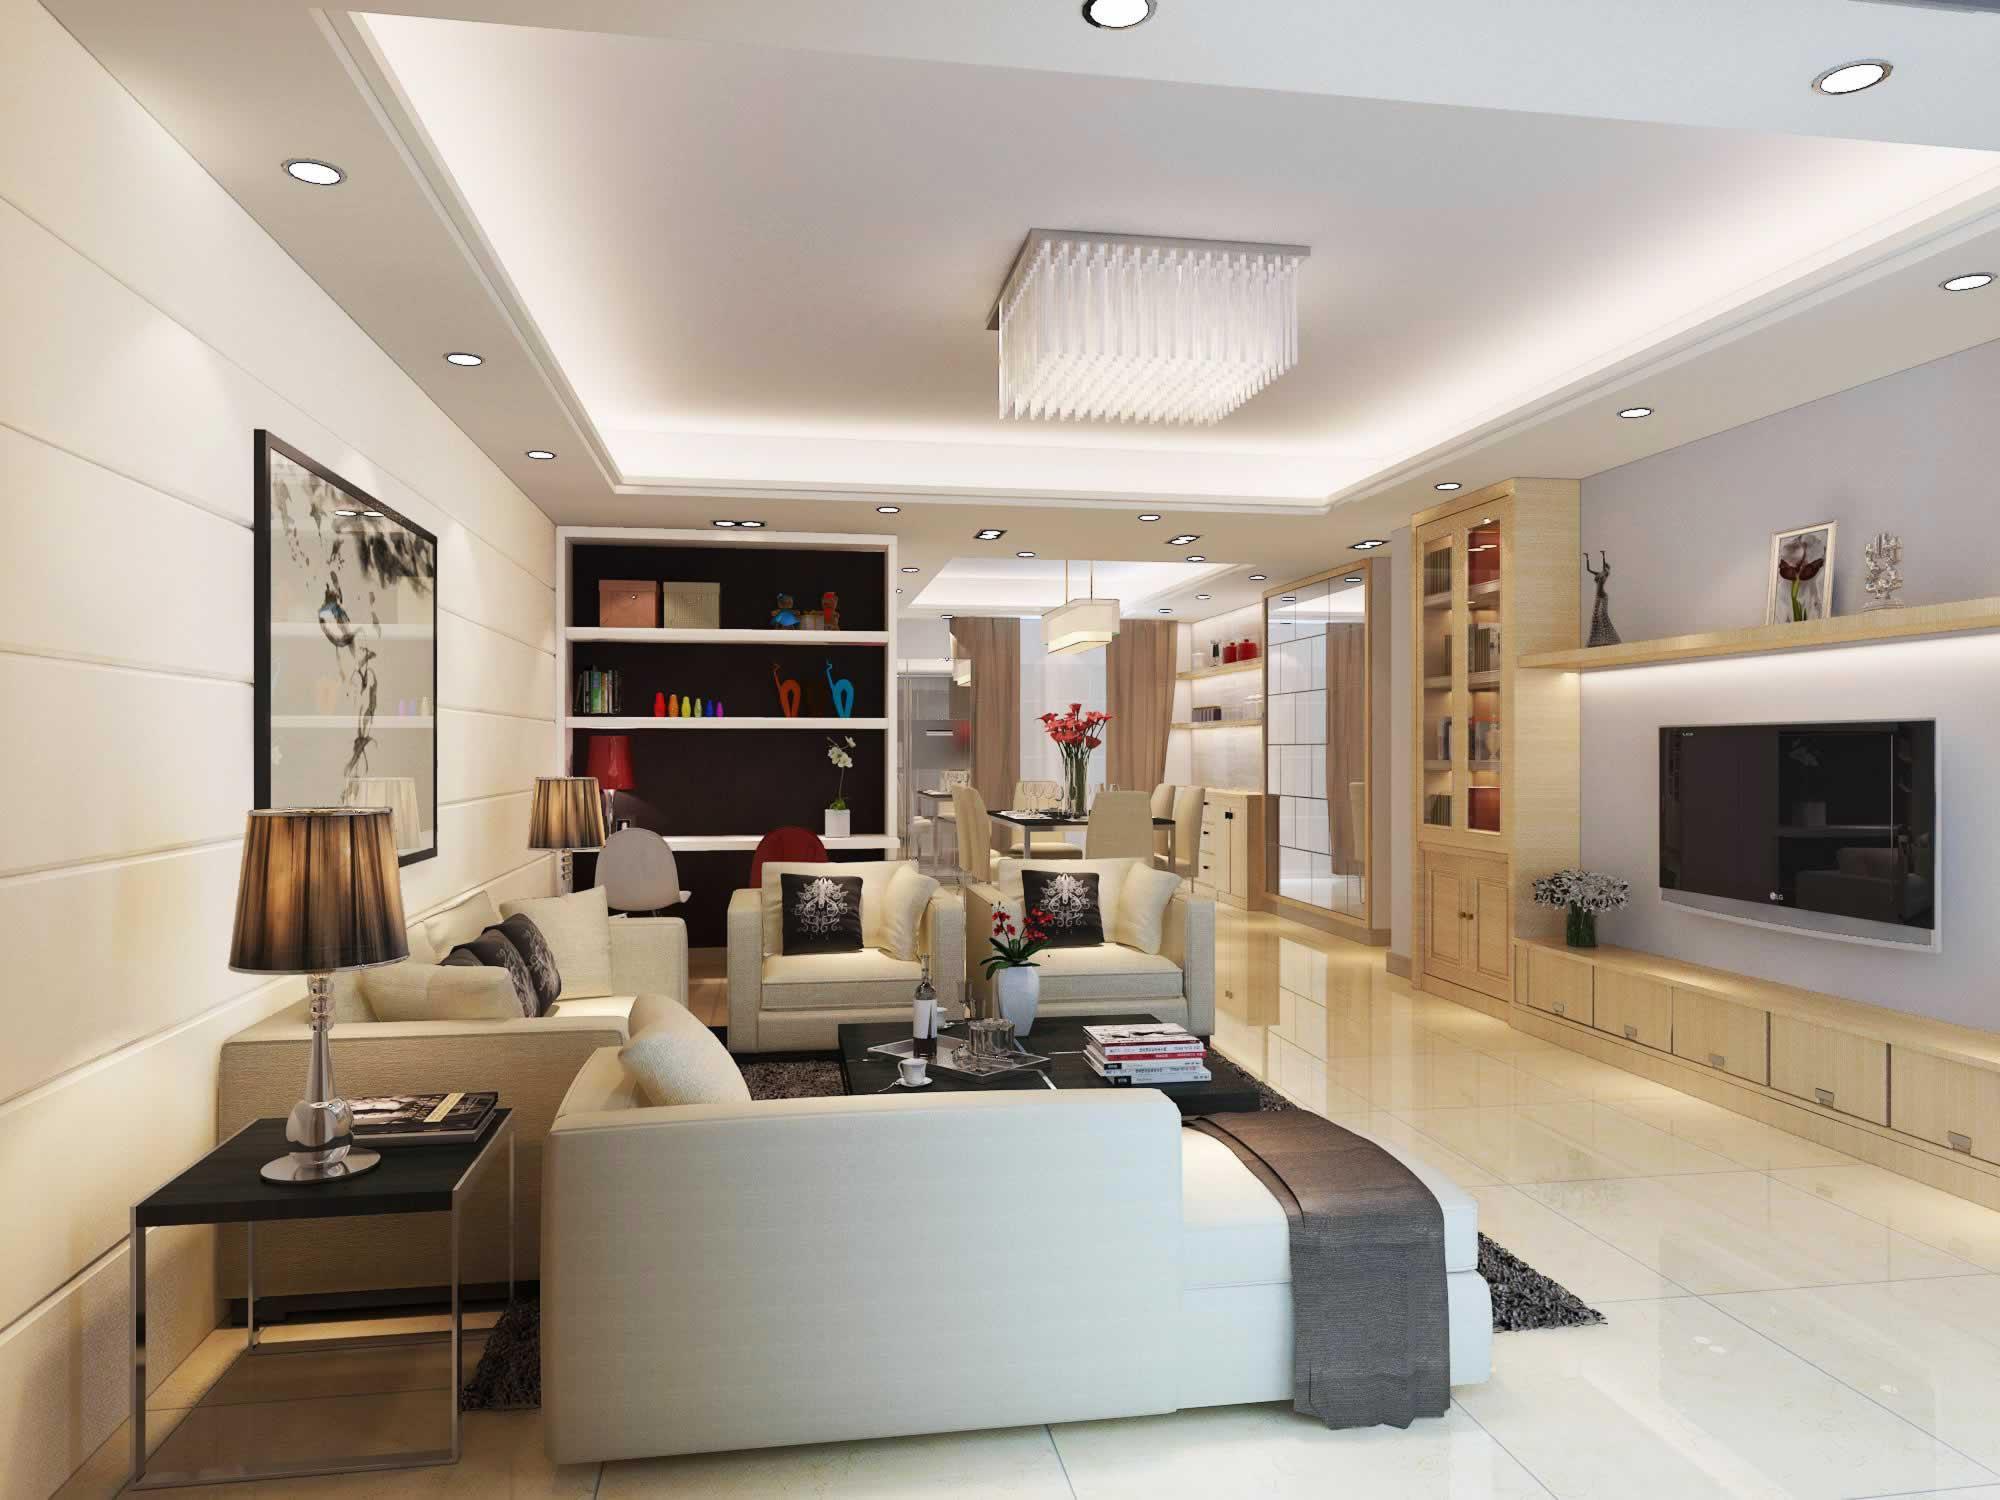 天津汉沽区独栋别墅装修排名第一的设计师!简约风格98㎡独栋别墅设计